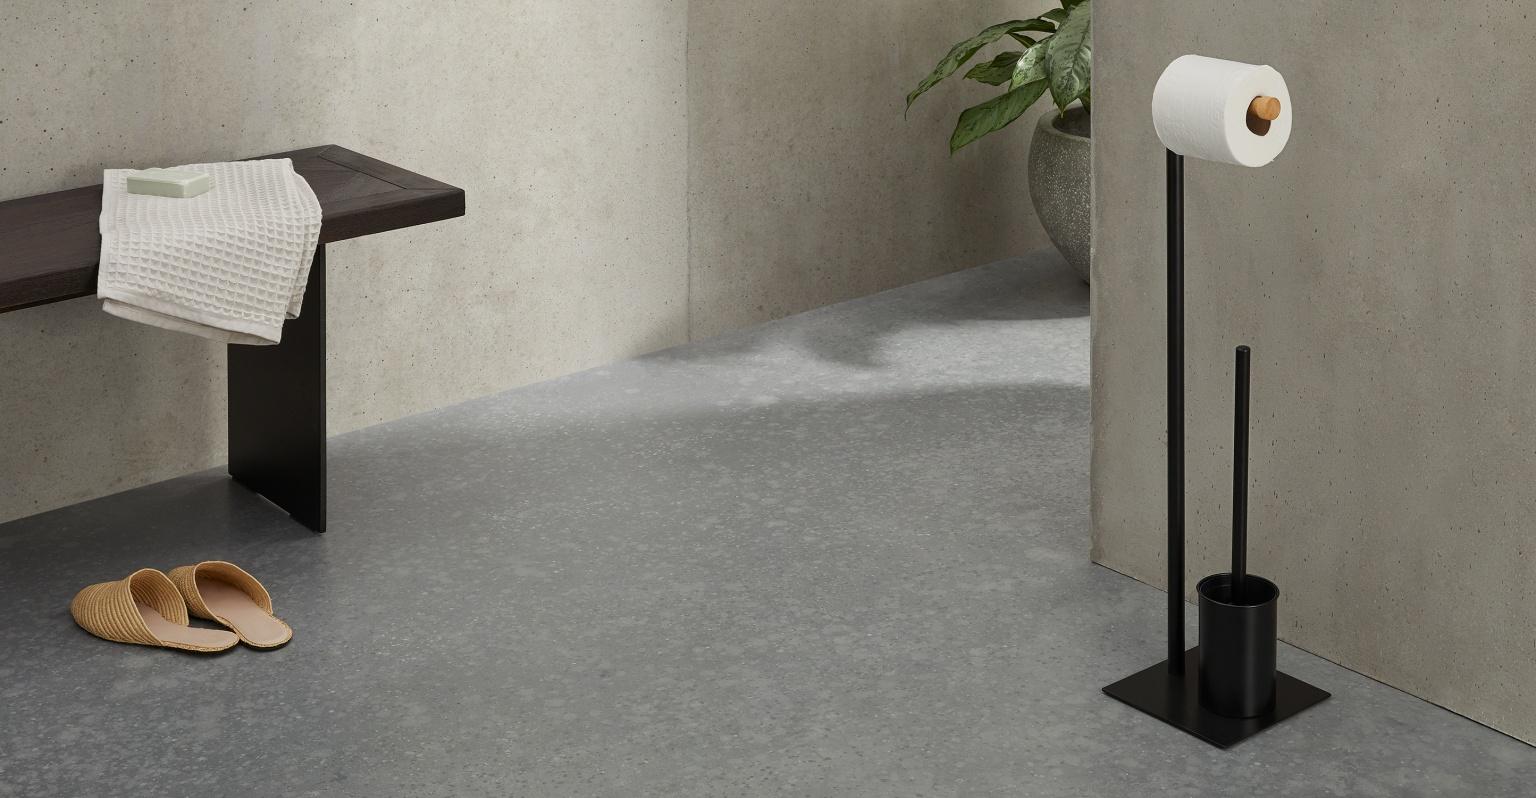 Soporte para papel higiénico y escobillero de madera y metal Huldra, negro